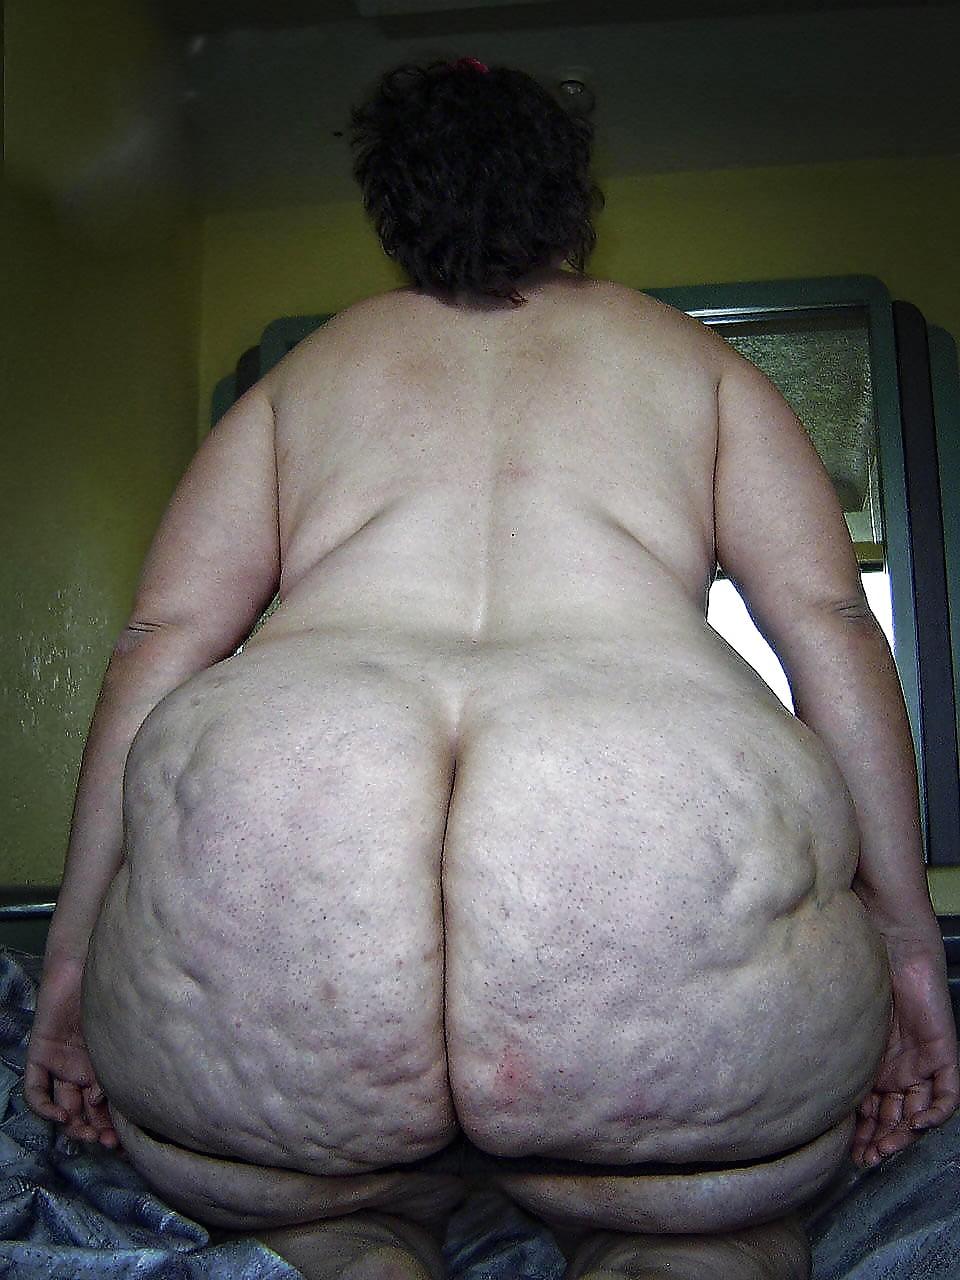 Extra fat ass